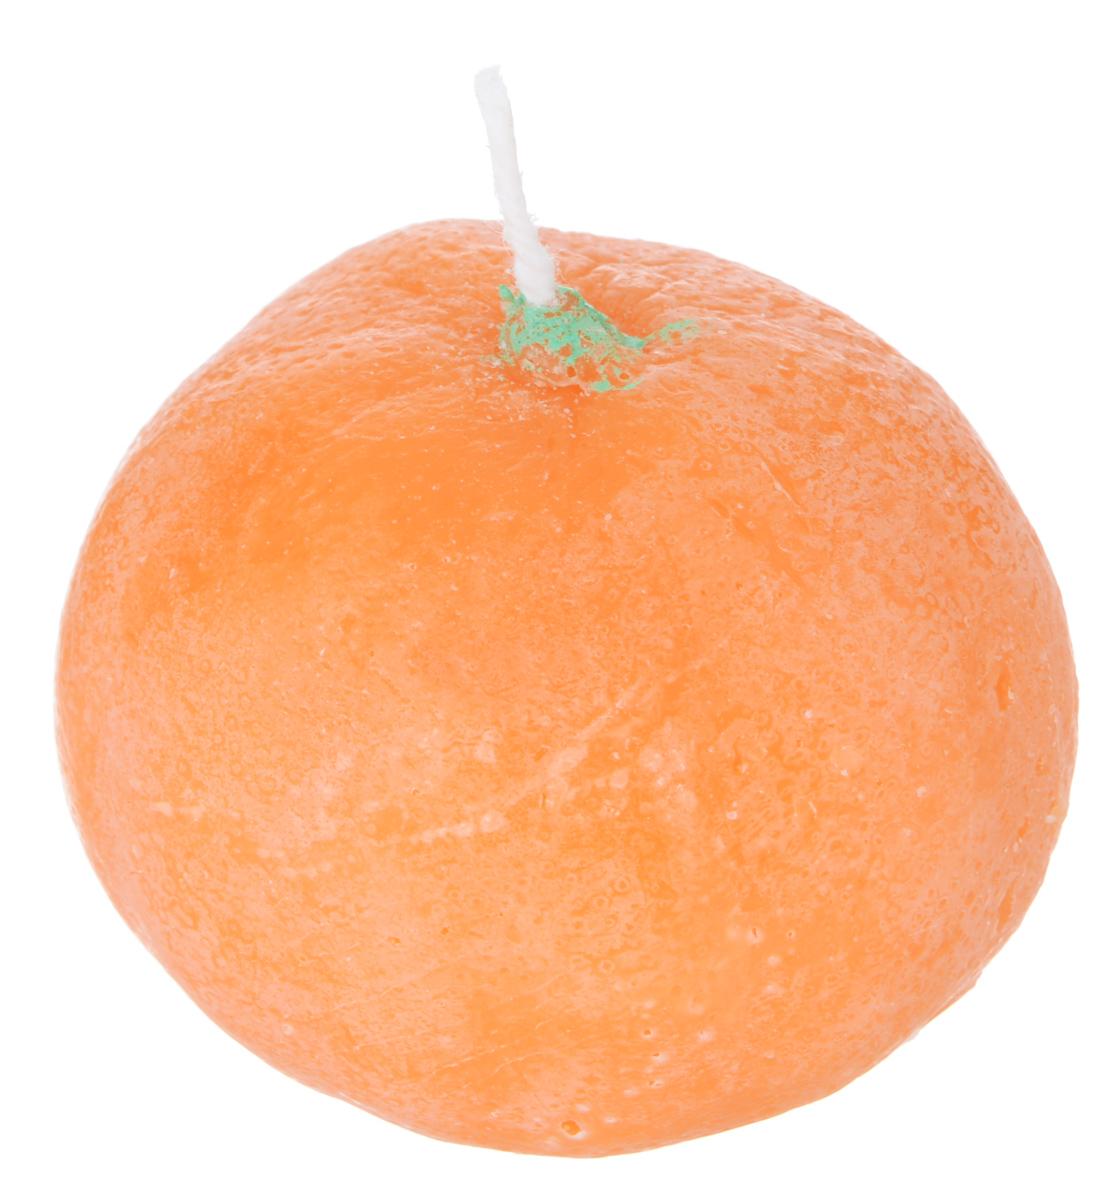 Свеча декоративная Proffi Home Мандарин, цвет: оранжевый, 5 х 4,5 см home religion свеча декоративная 50 см цилиндрическая 26003800